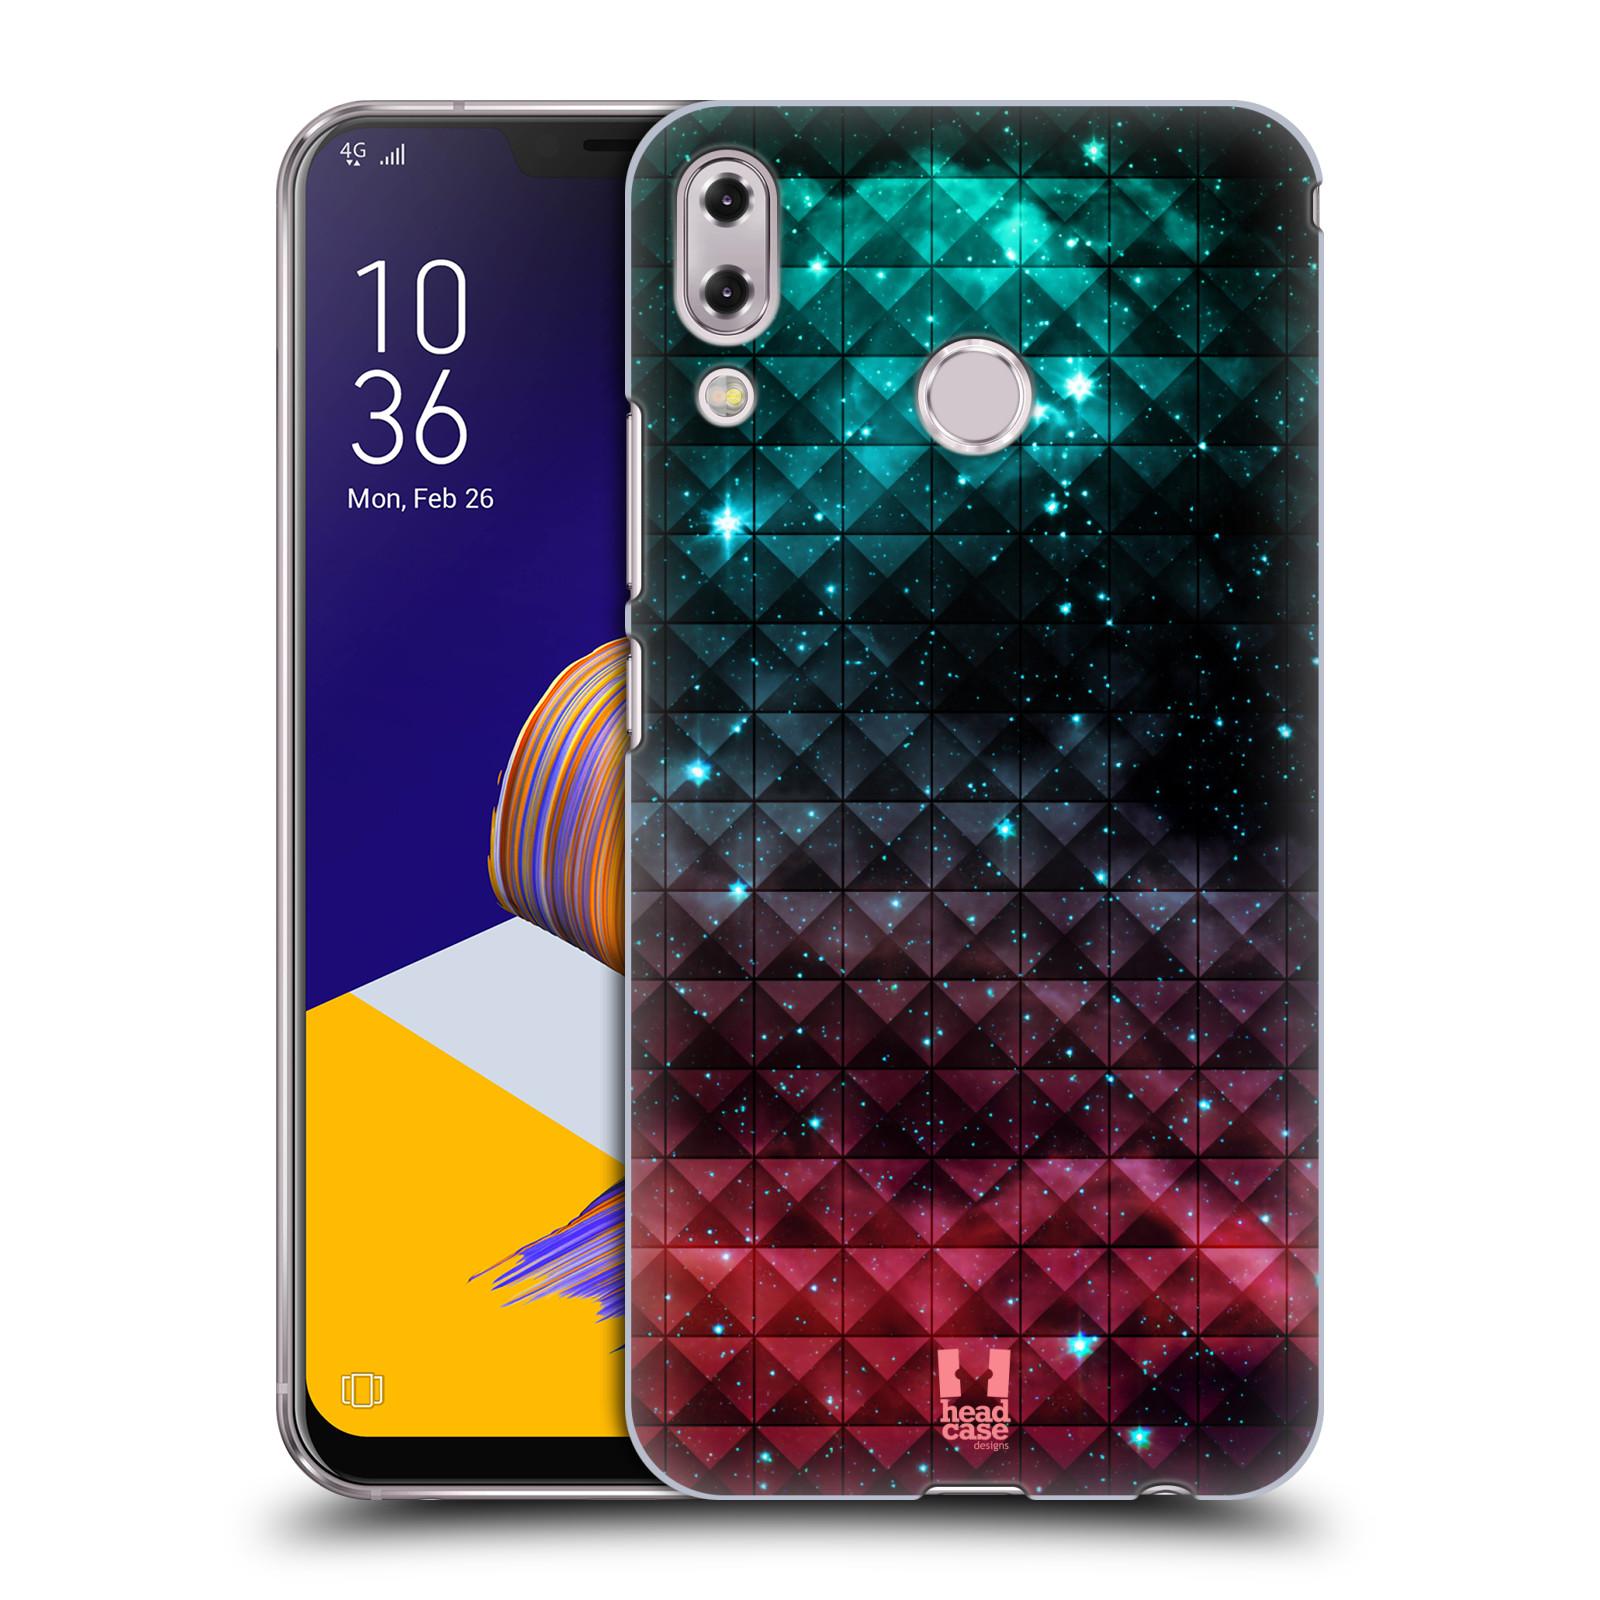 Plastové pouzdro na mobil Asus Zenfone 5z ZS620KL - Head Case - OMBRE SPARKLE (Plastový kryt či obal na mobilní telefon Asus Zenfone 5z (ZS620KL) s motivem OMBRE SPARKLE)